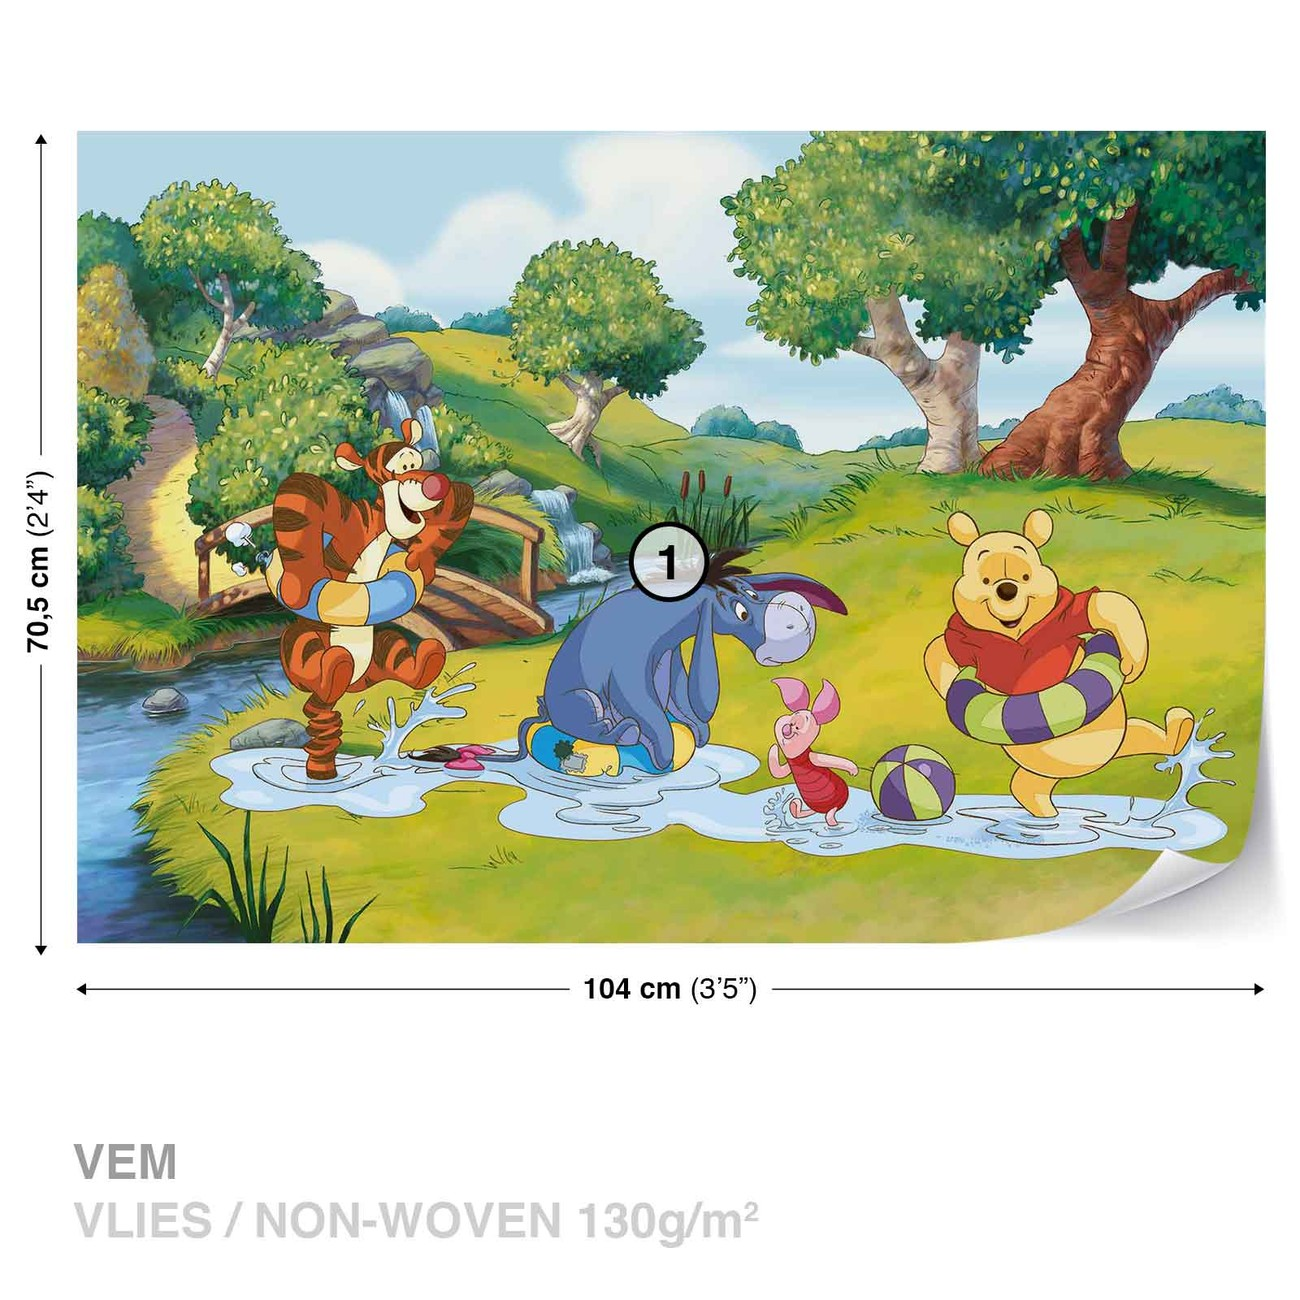 355b092af Murais de parede Disney Winnie Pooh Tigger Eeyore Piglet em ...